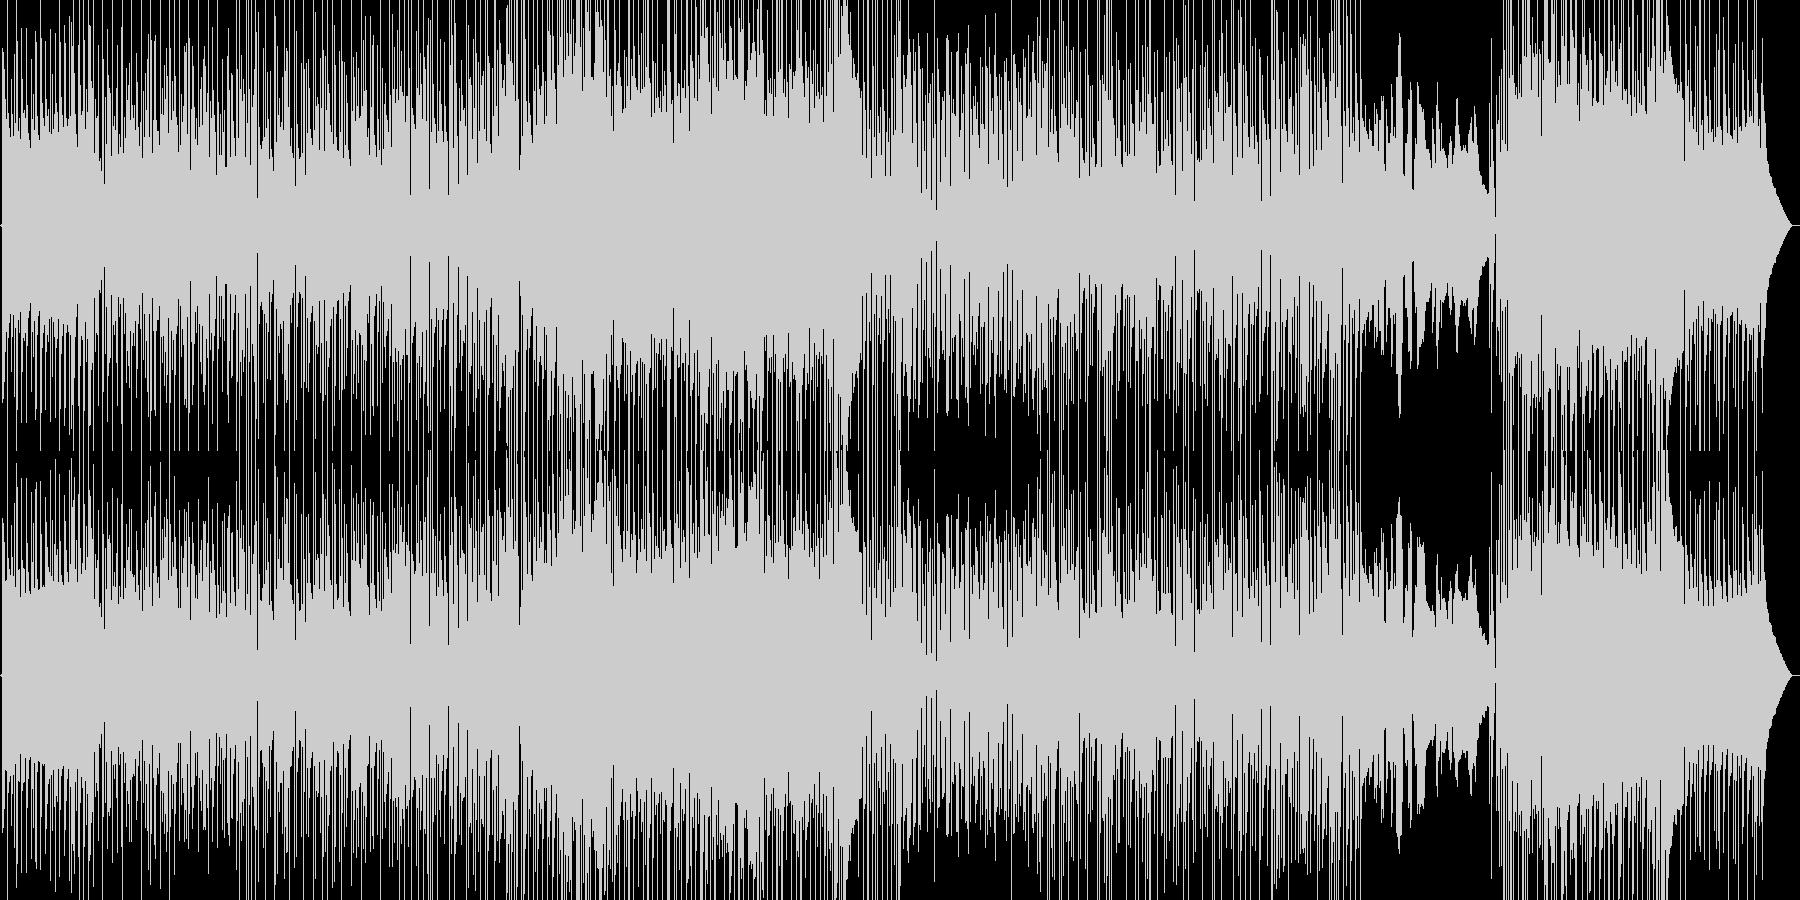 わくわくする1日の始まり、朝の曲の未再生の波形